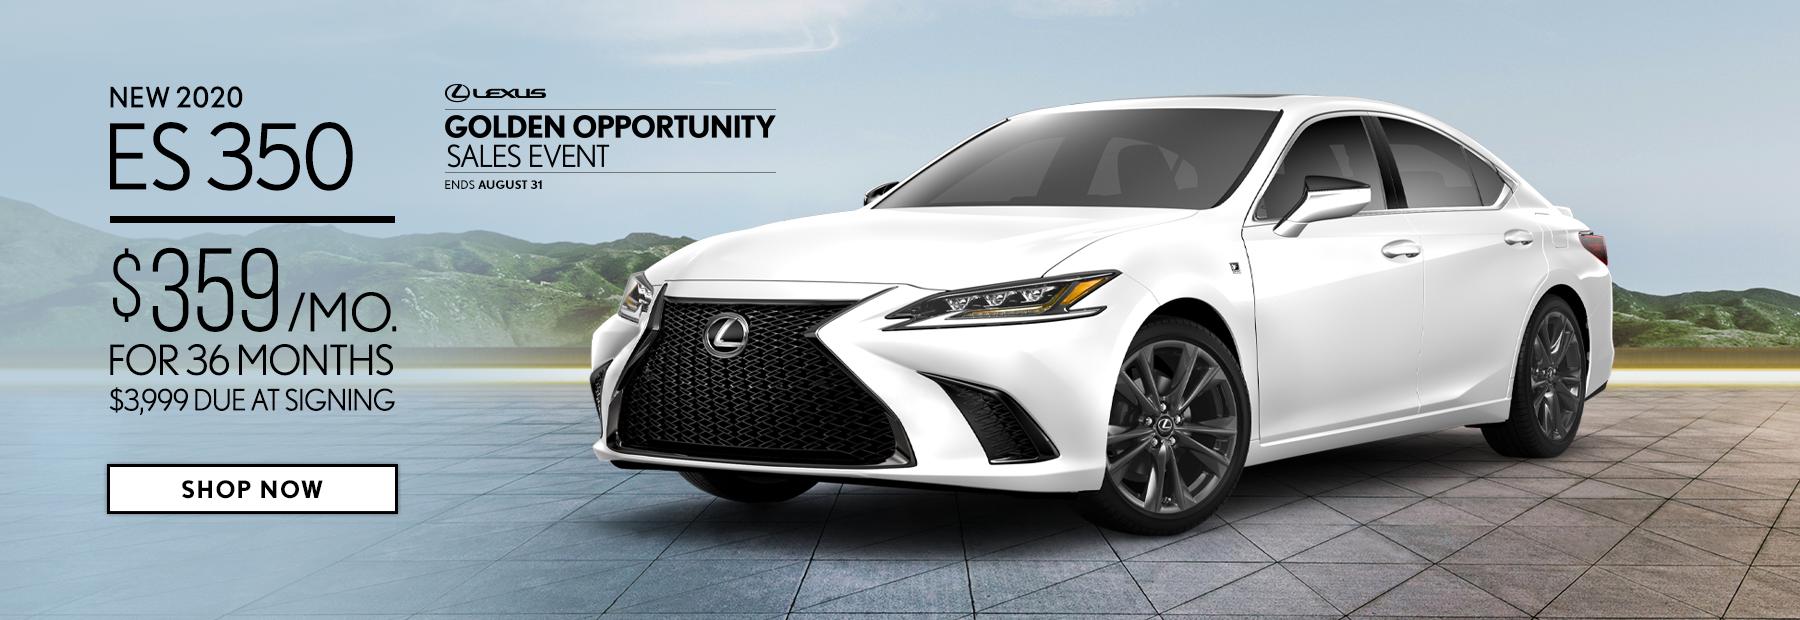 Lease a New 2020 Lexus ES 350 in Cincinnati, OH